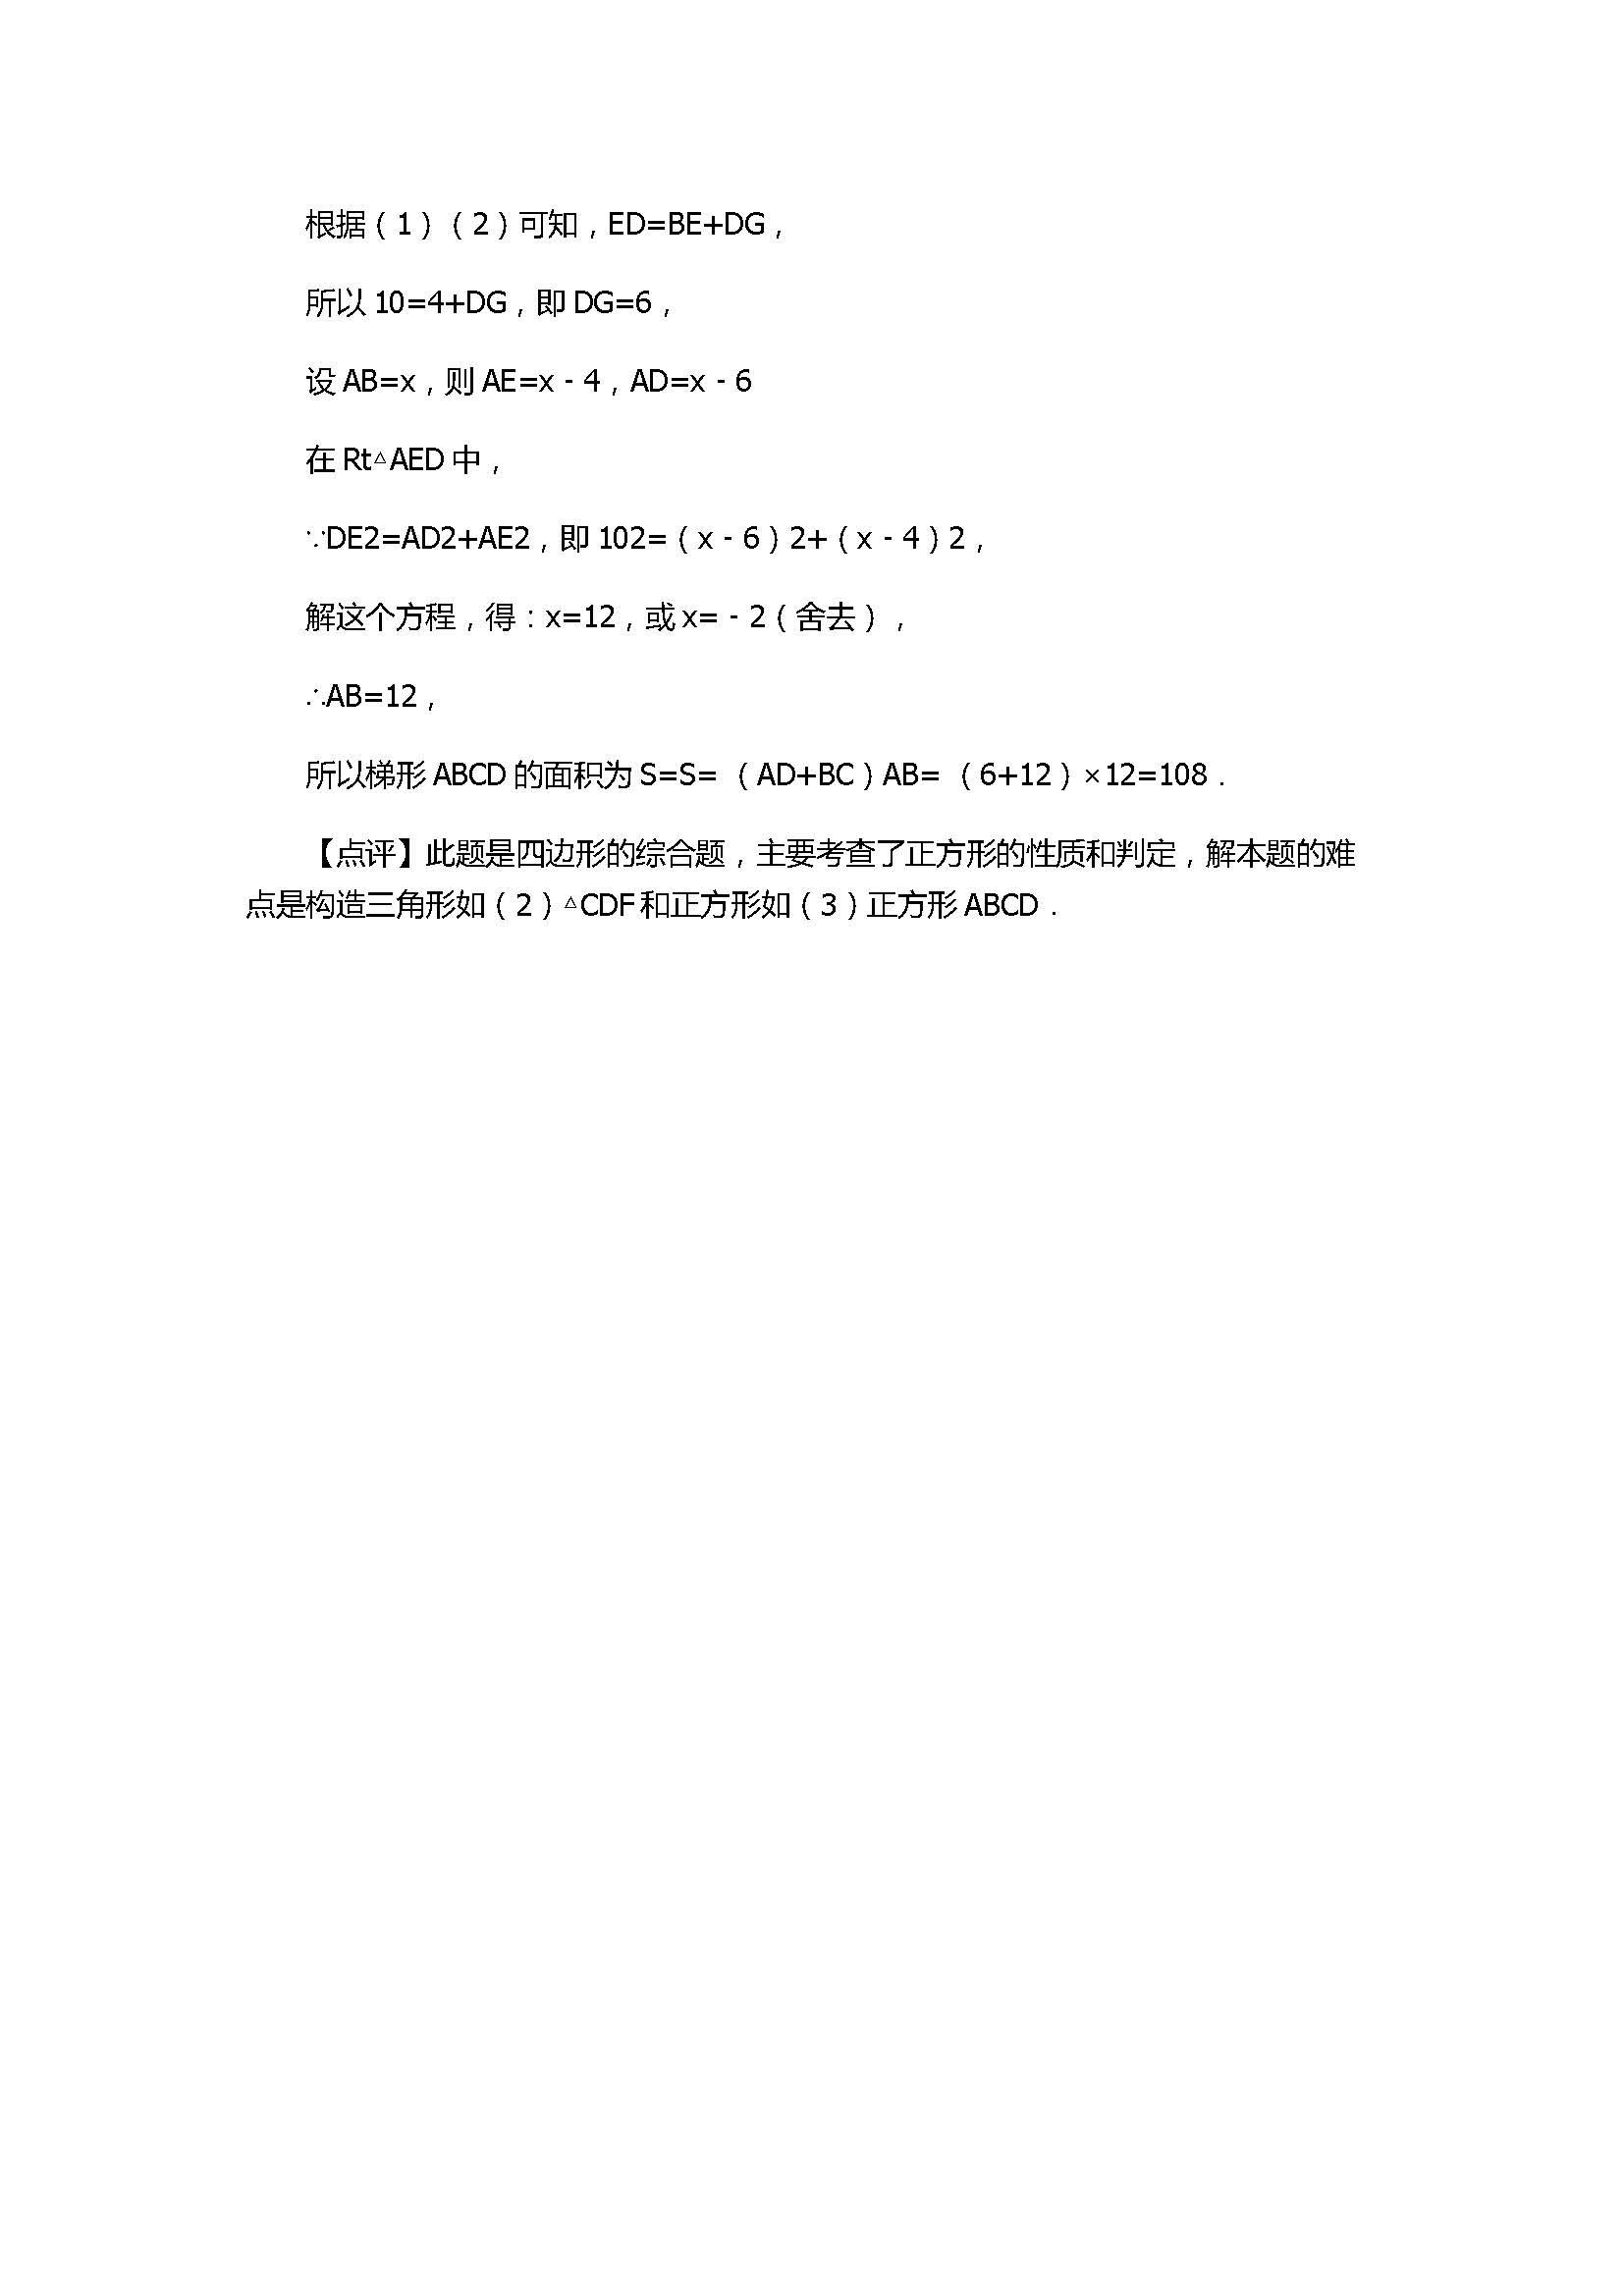 2017八年级数学下册期末试卷含答案和解释(山东省德州市庆云县)